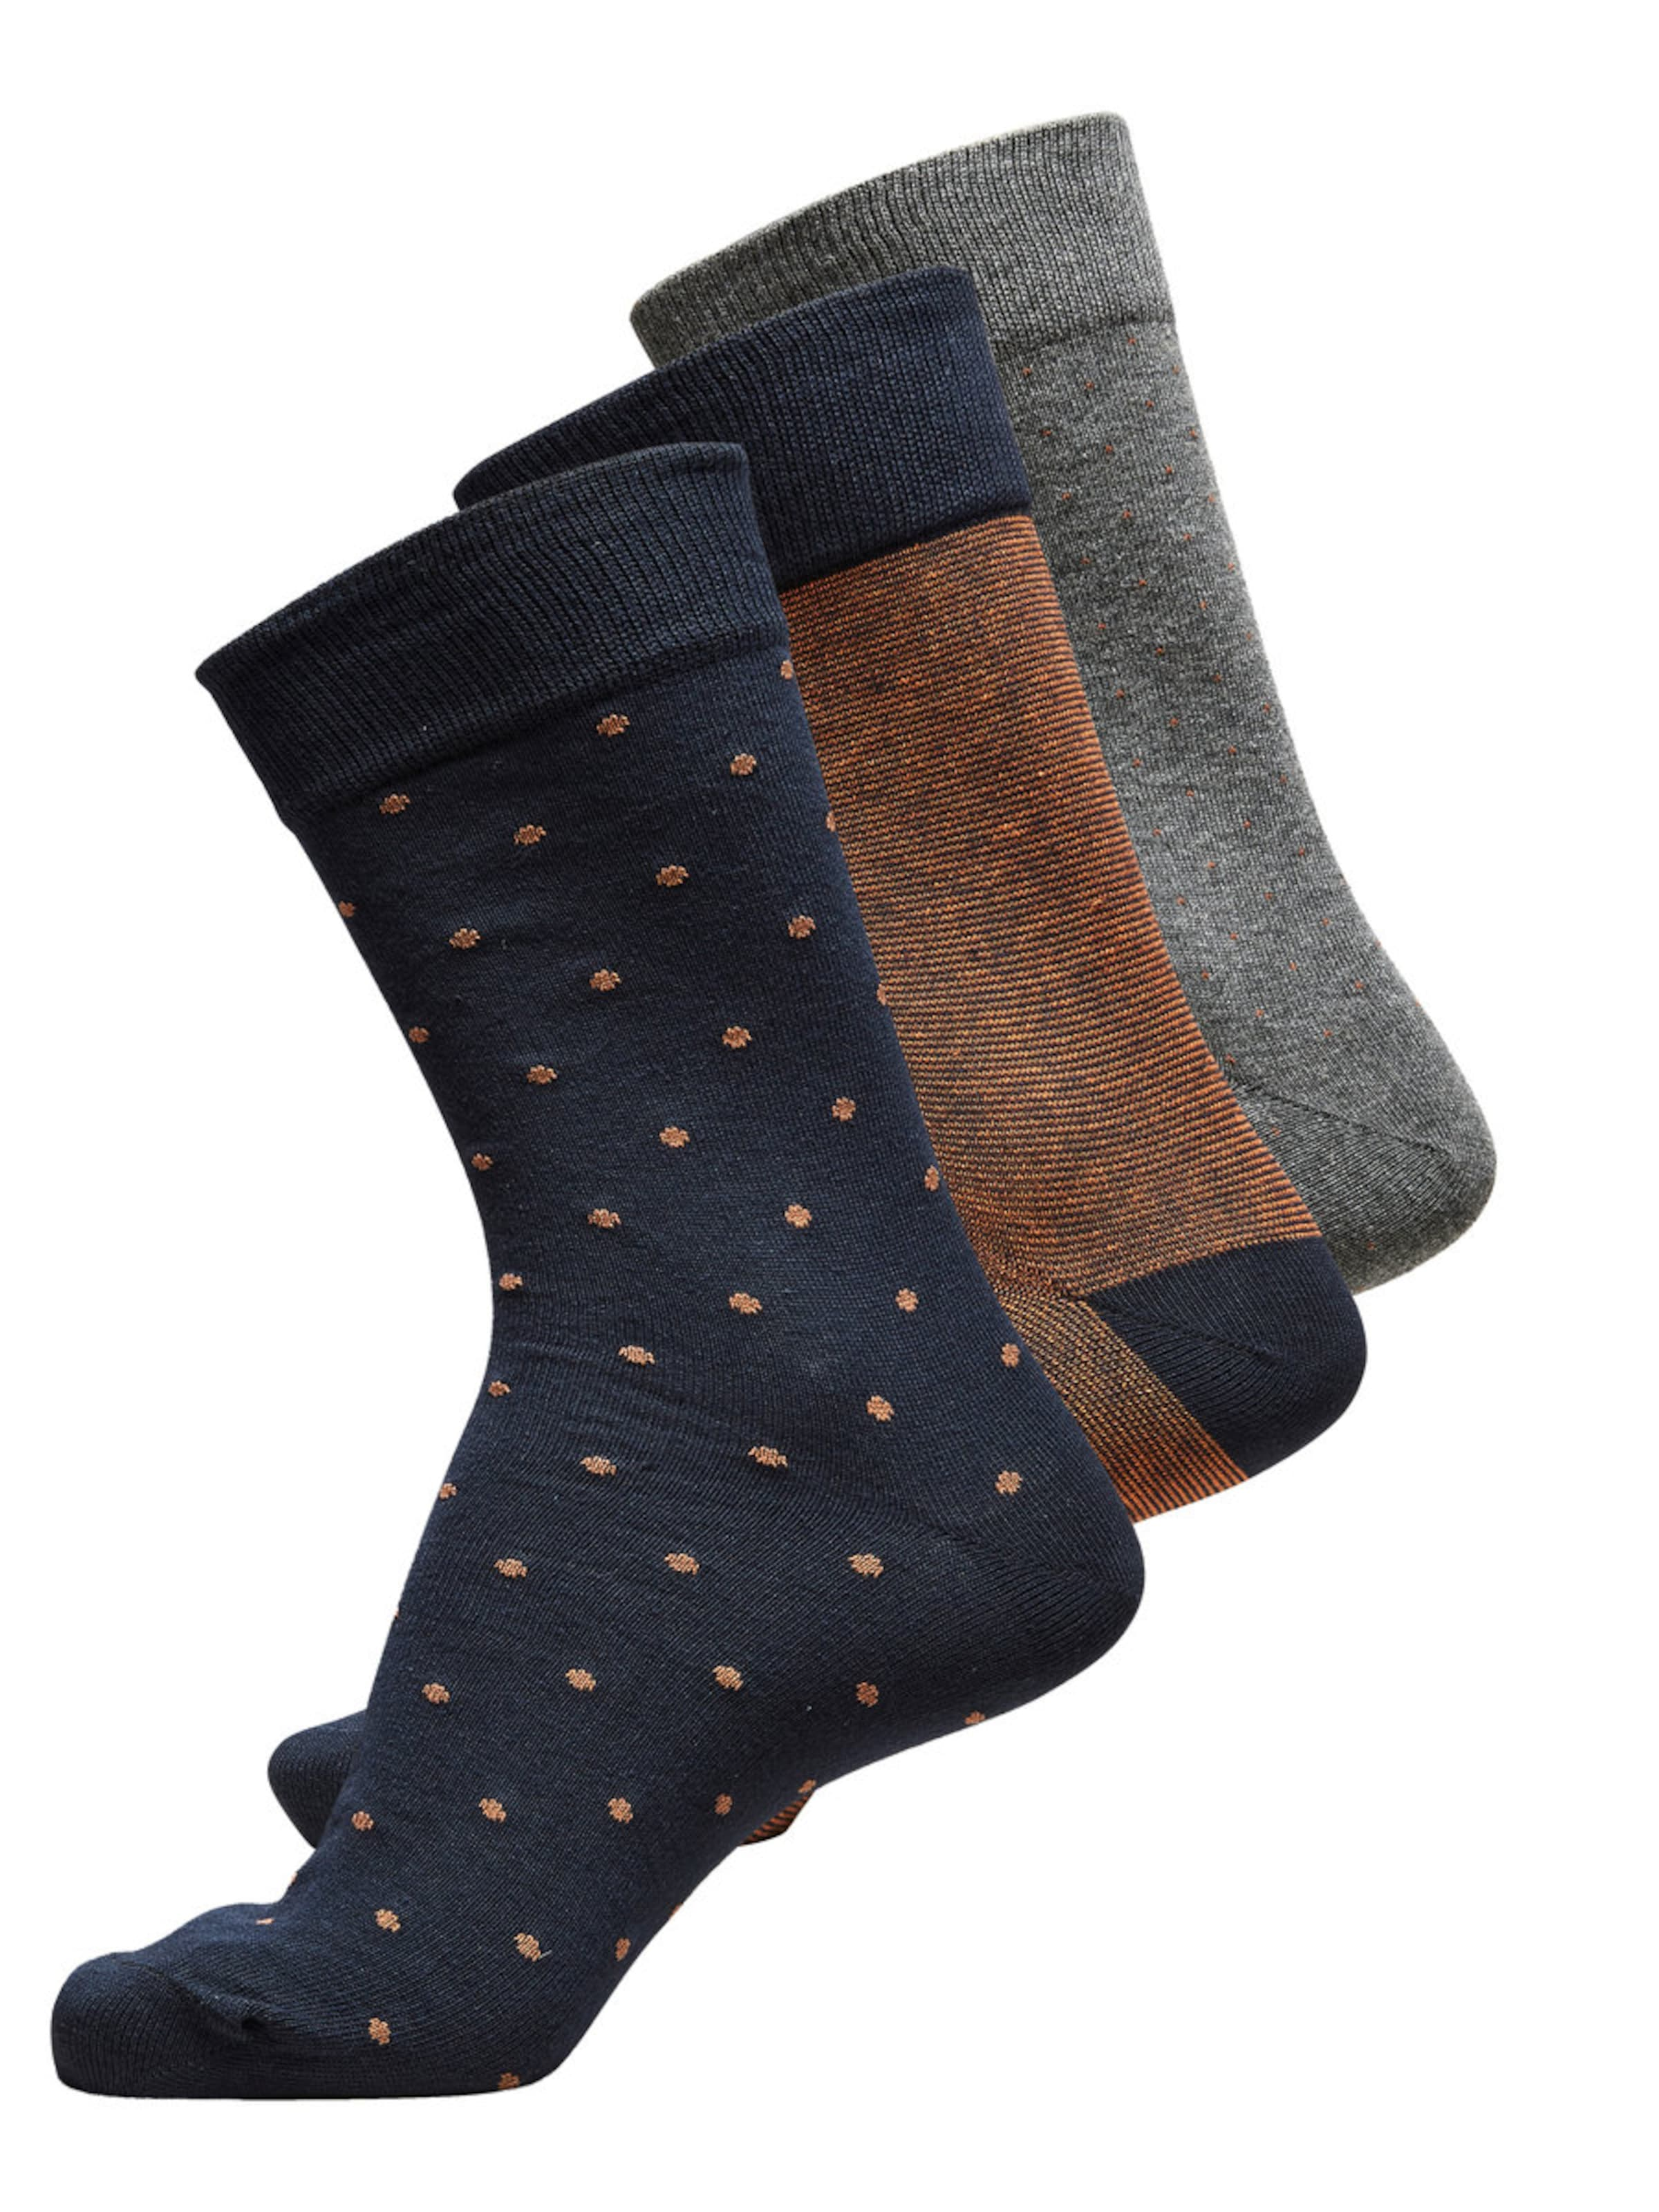 Rabatt Modische Rabatt Sehr Billig SELECTED HOMME 3er-Pack Socken Verkauf Mit Kreditkarte Freies Verschiffen Preiswerteste 91jgH5s